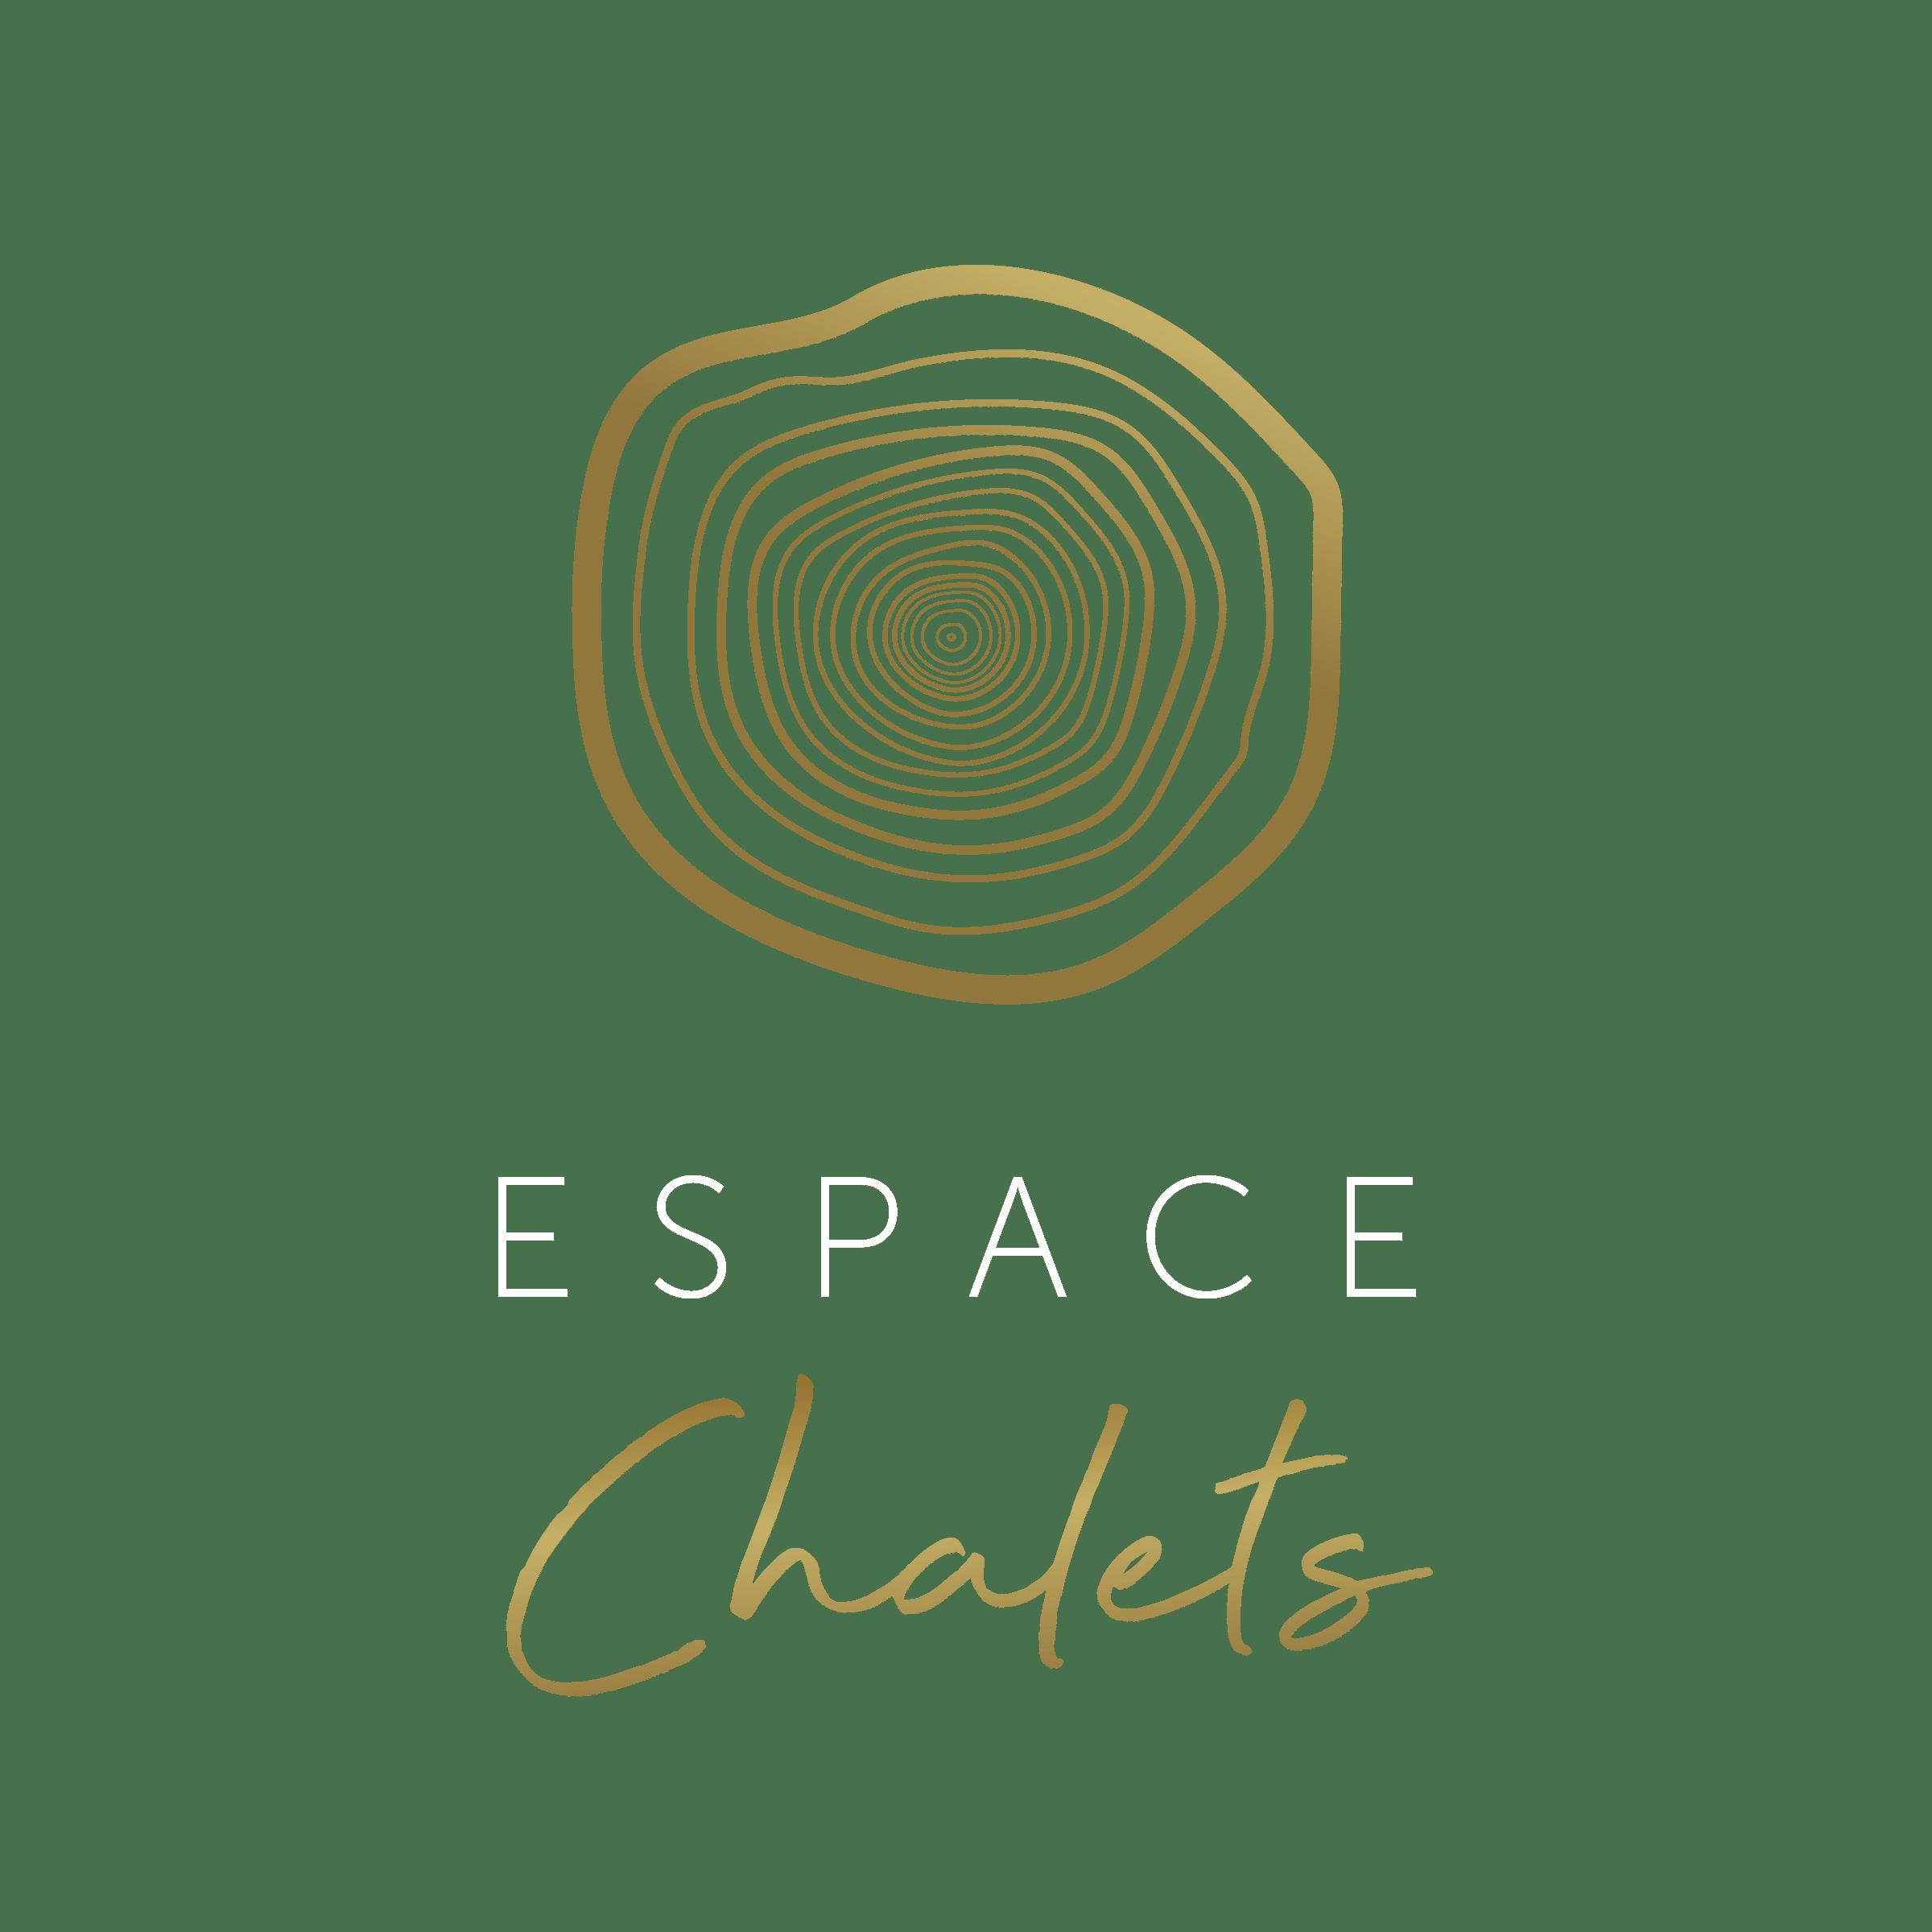 Espace Chalets